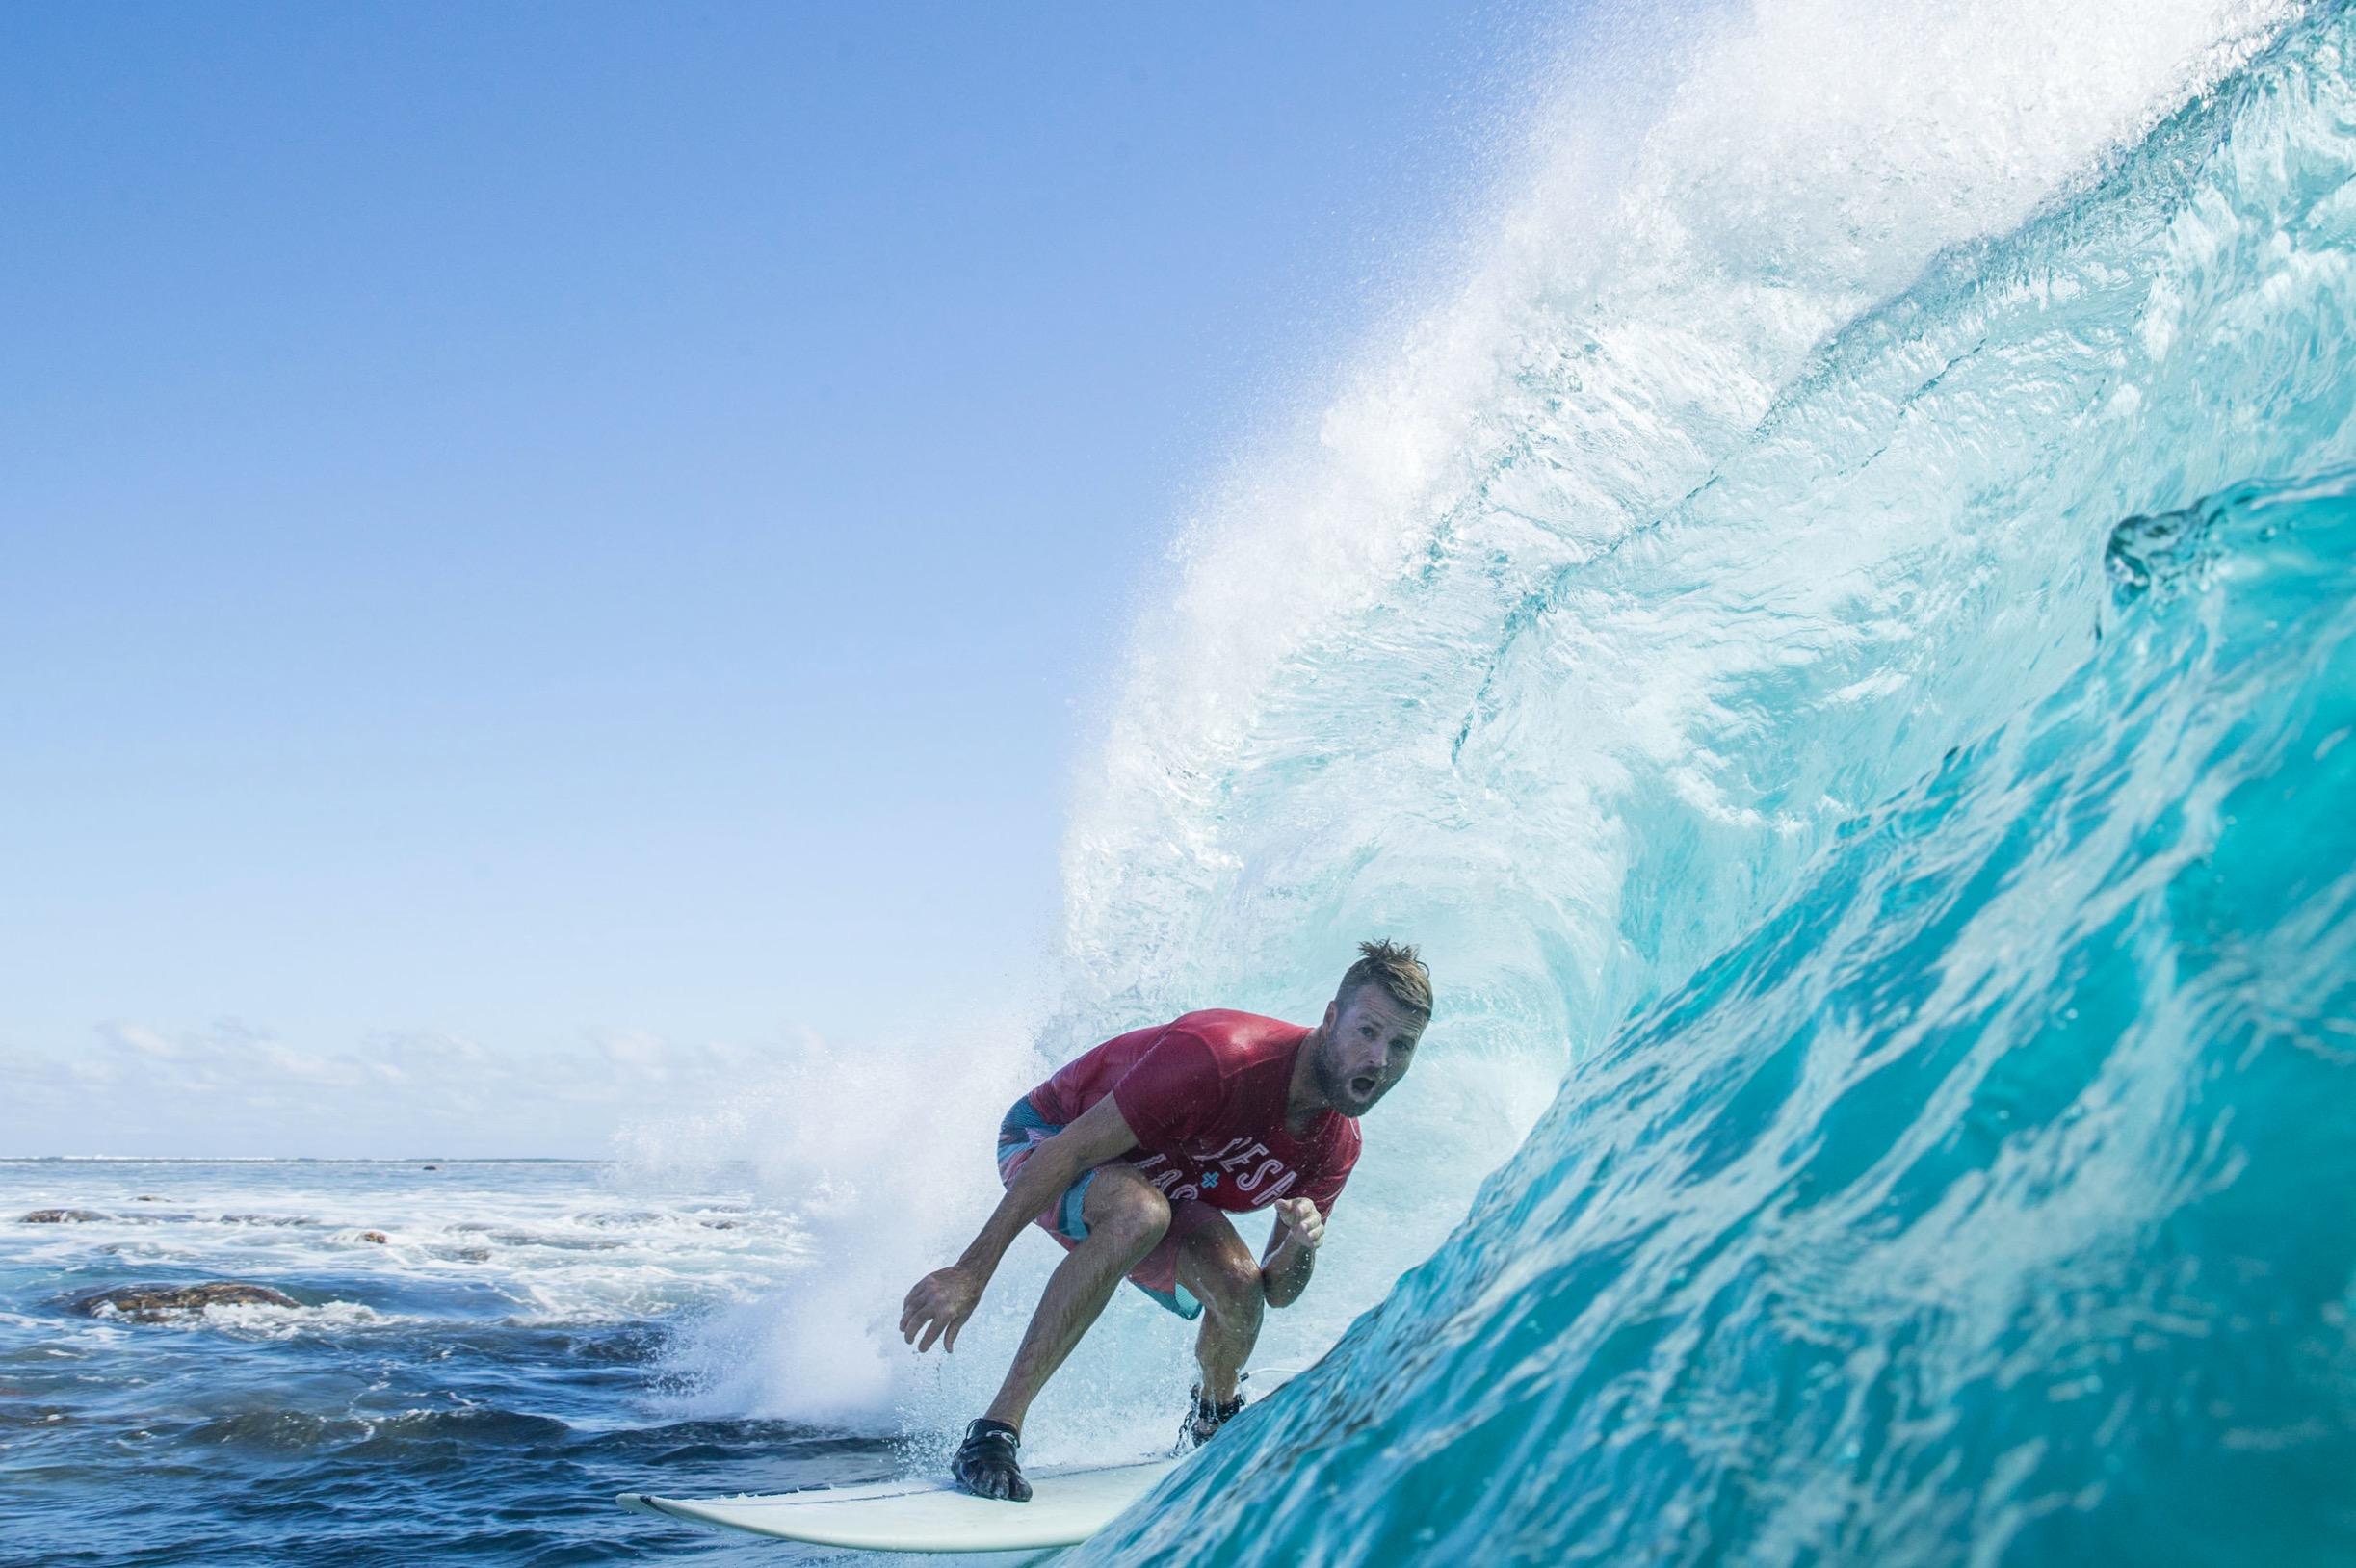 Pete Evans resturant Fiji surfing food MKR